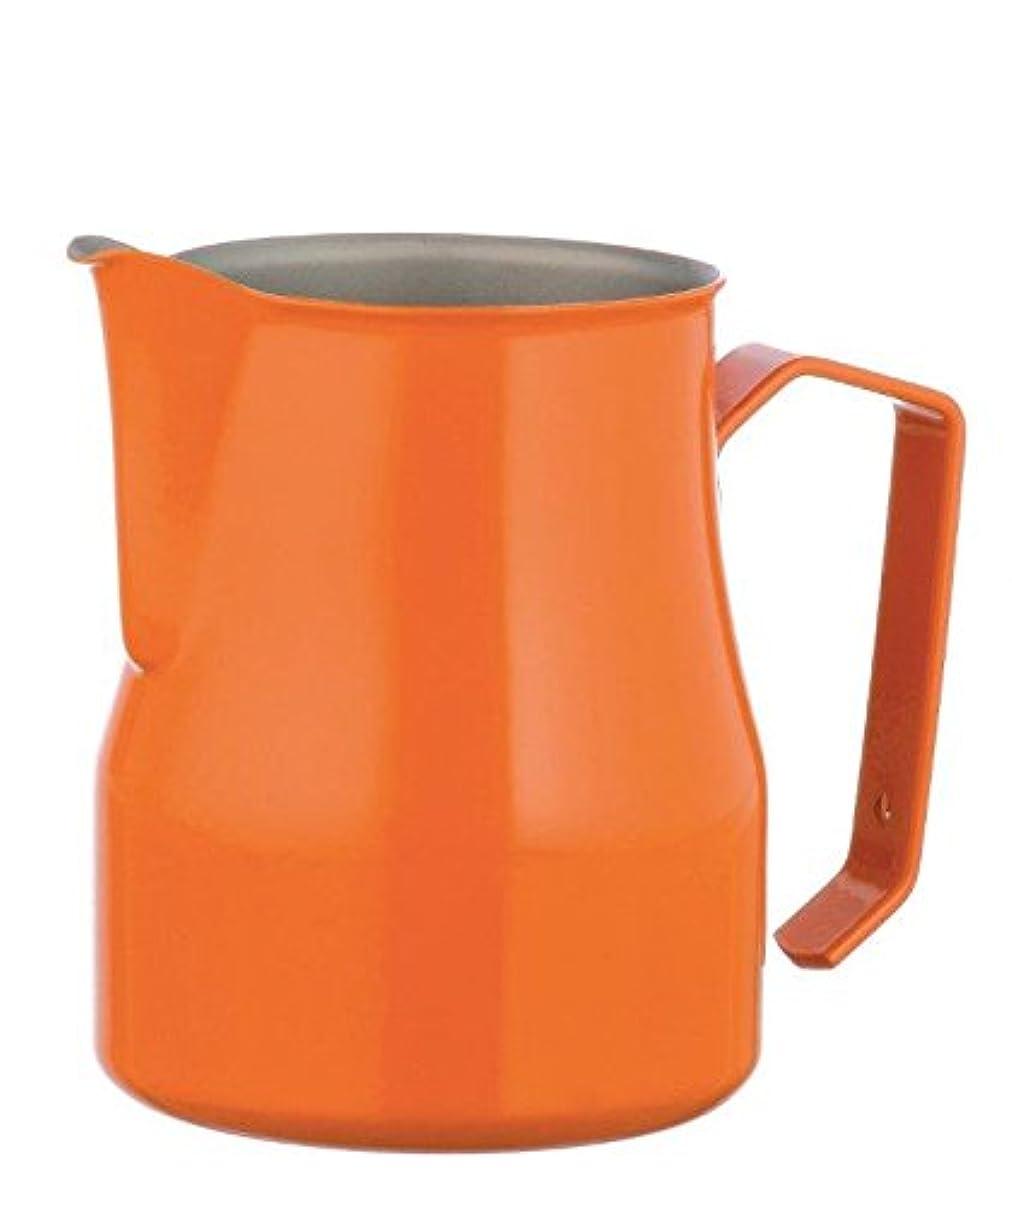 首尾一貫した固執叙情的なMotta Stainless Steel Professional Milk Pitcher, 25.4 fl. oz., Orange by Motta